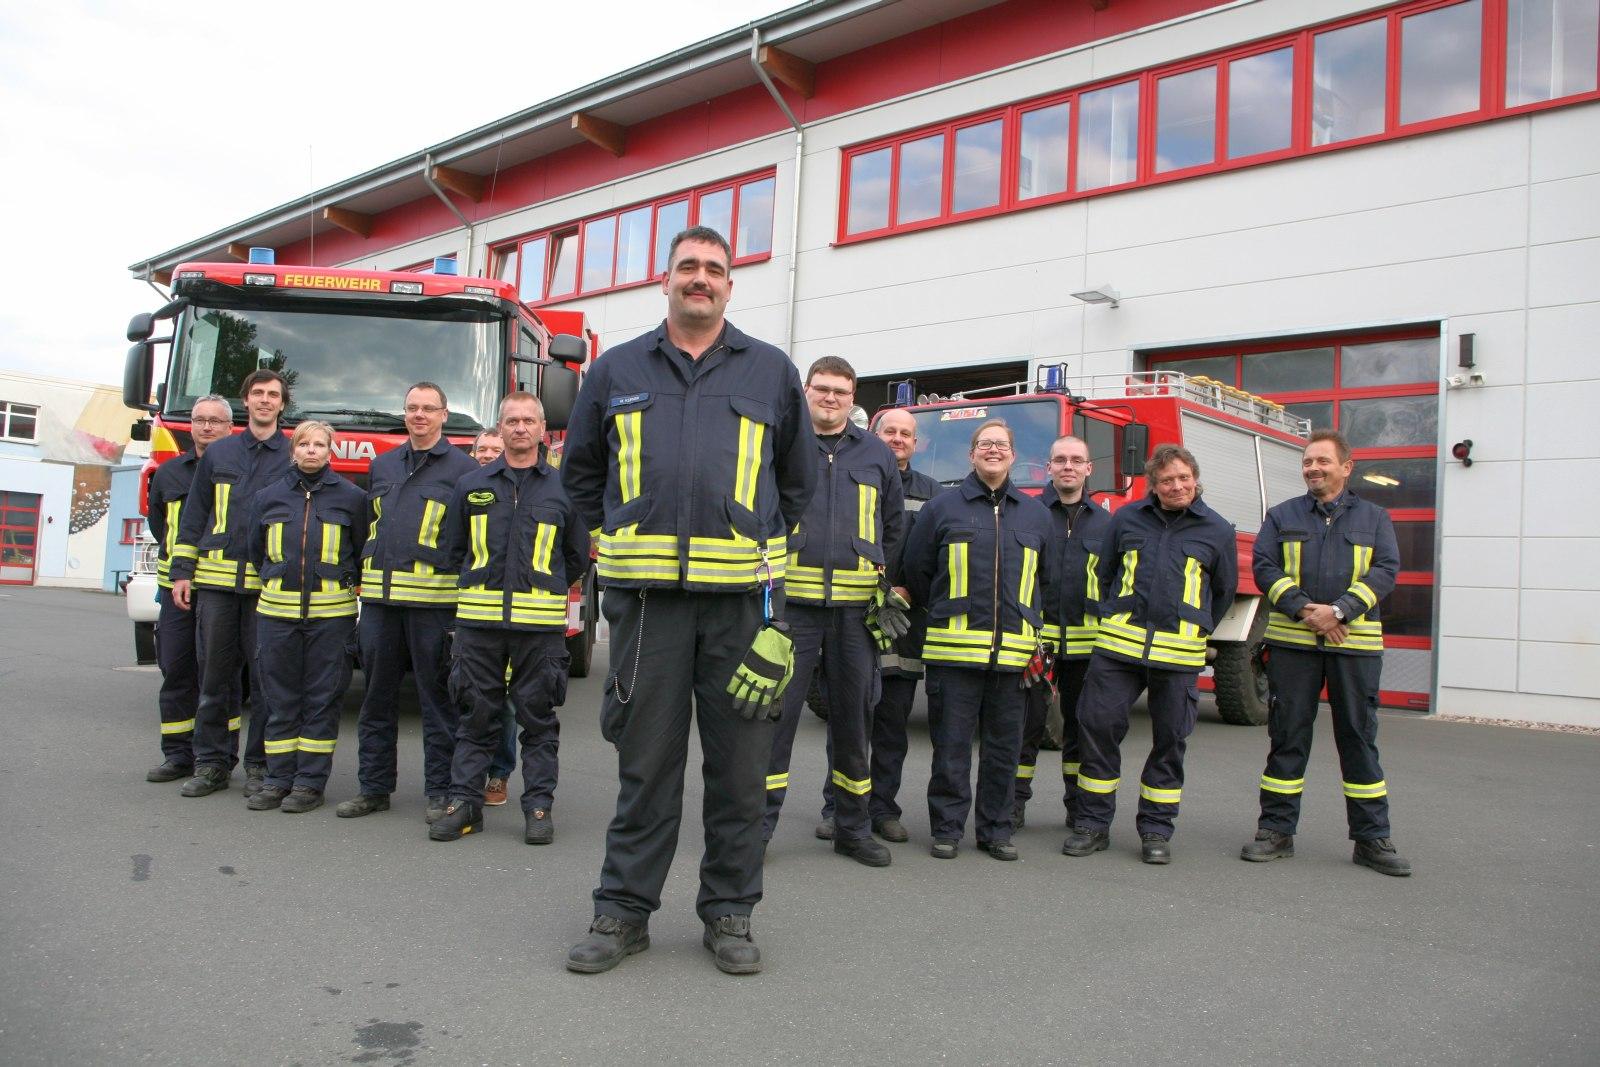 Freiwillige Feuerwehr Winzerla